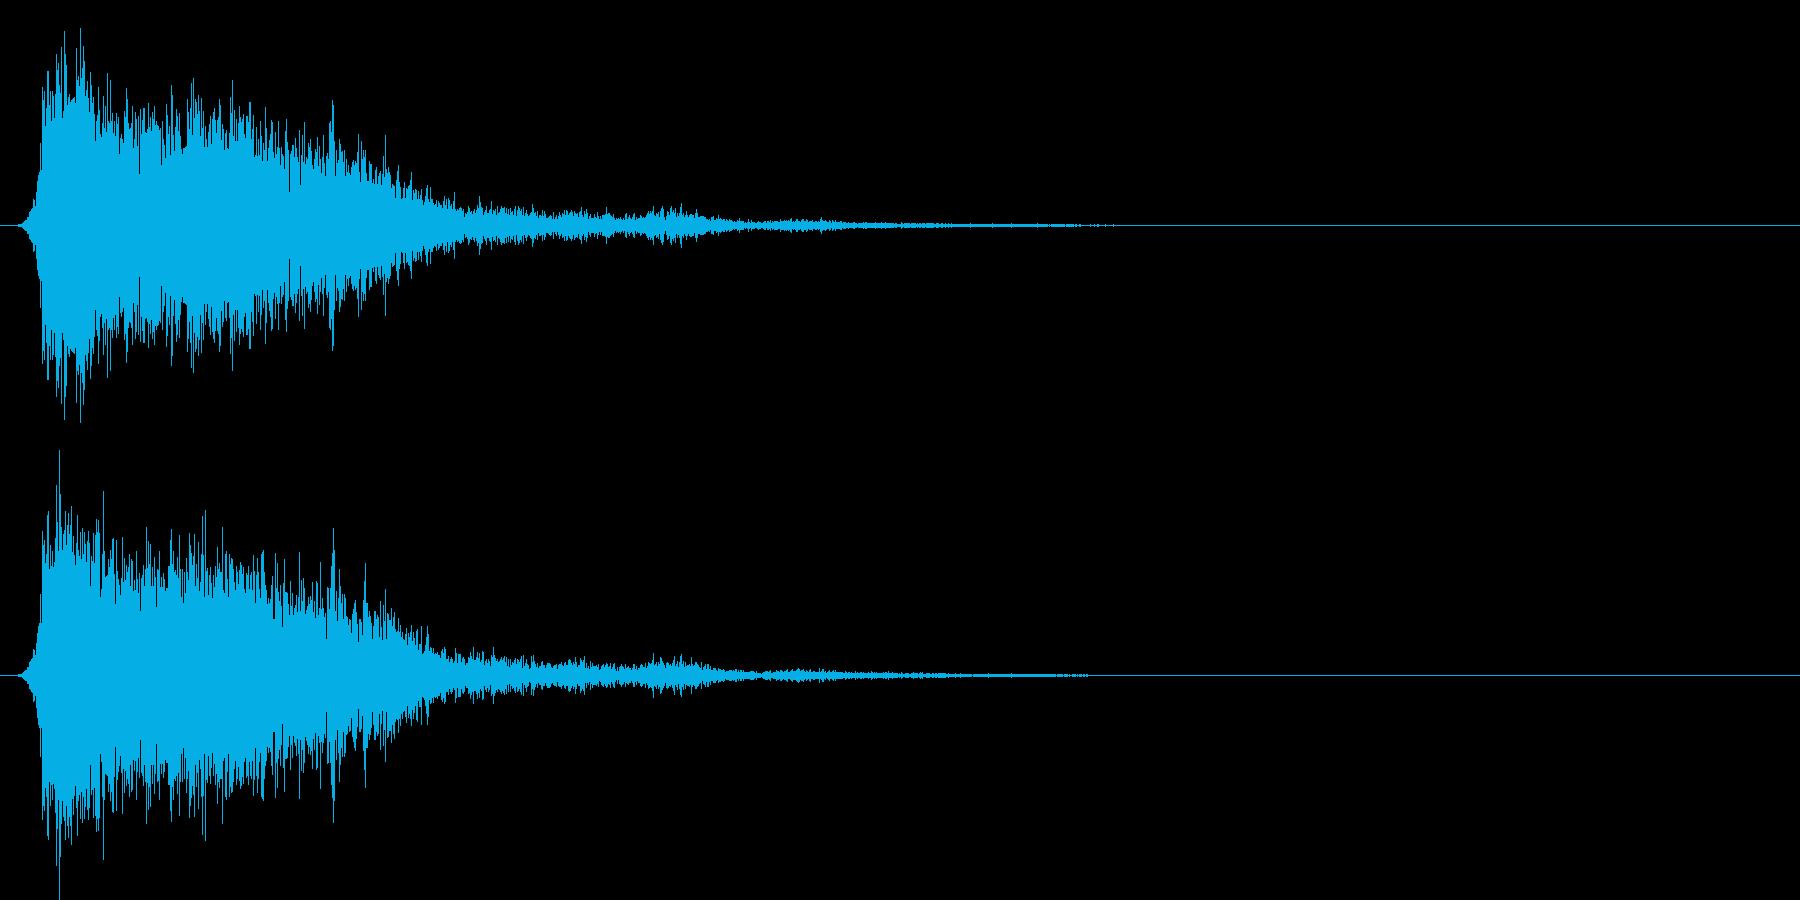 コミカルなダッシュ!ジャンプの効果音4bの再生済みの波形